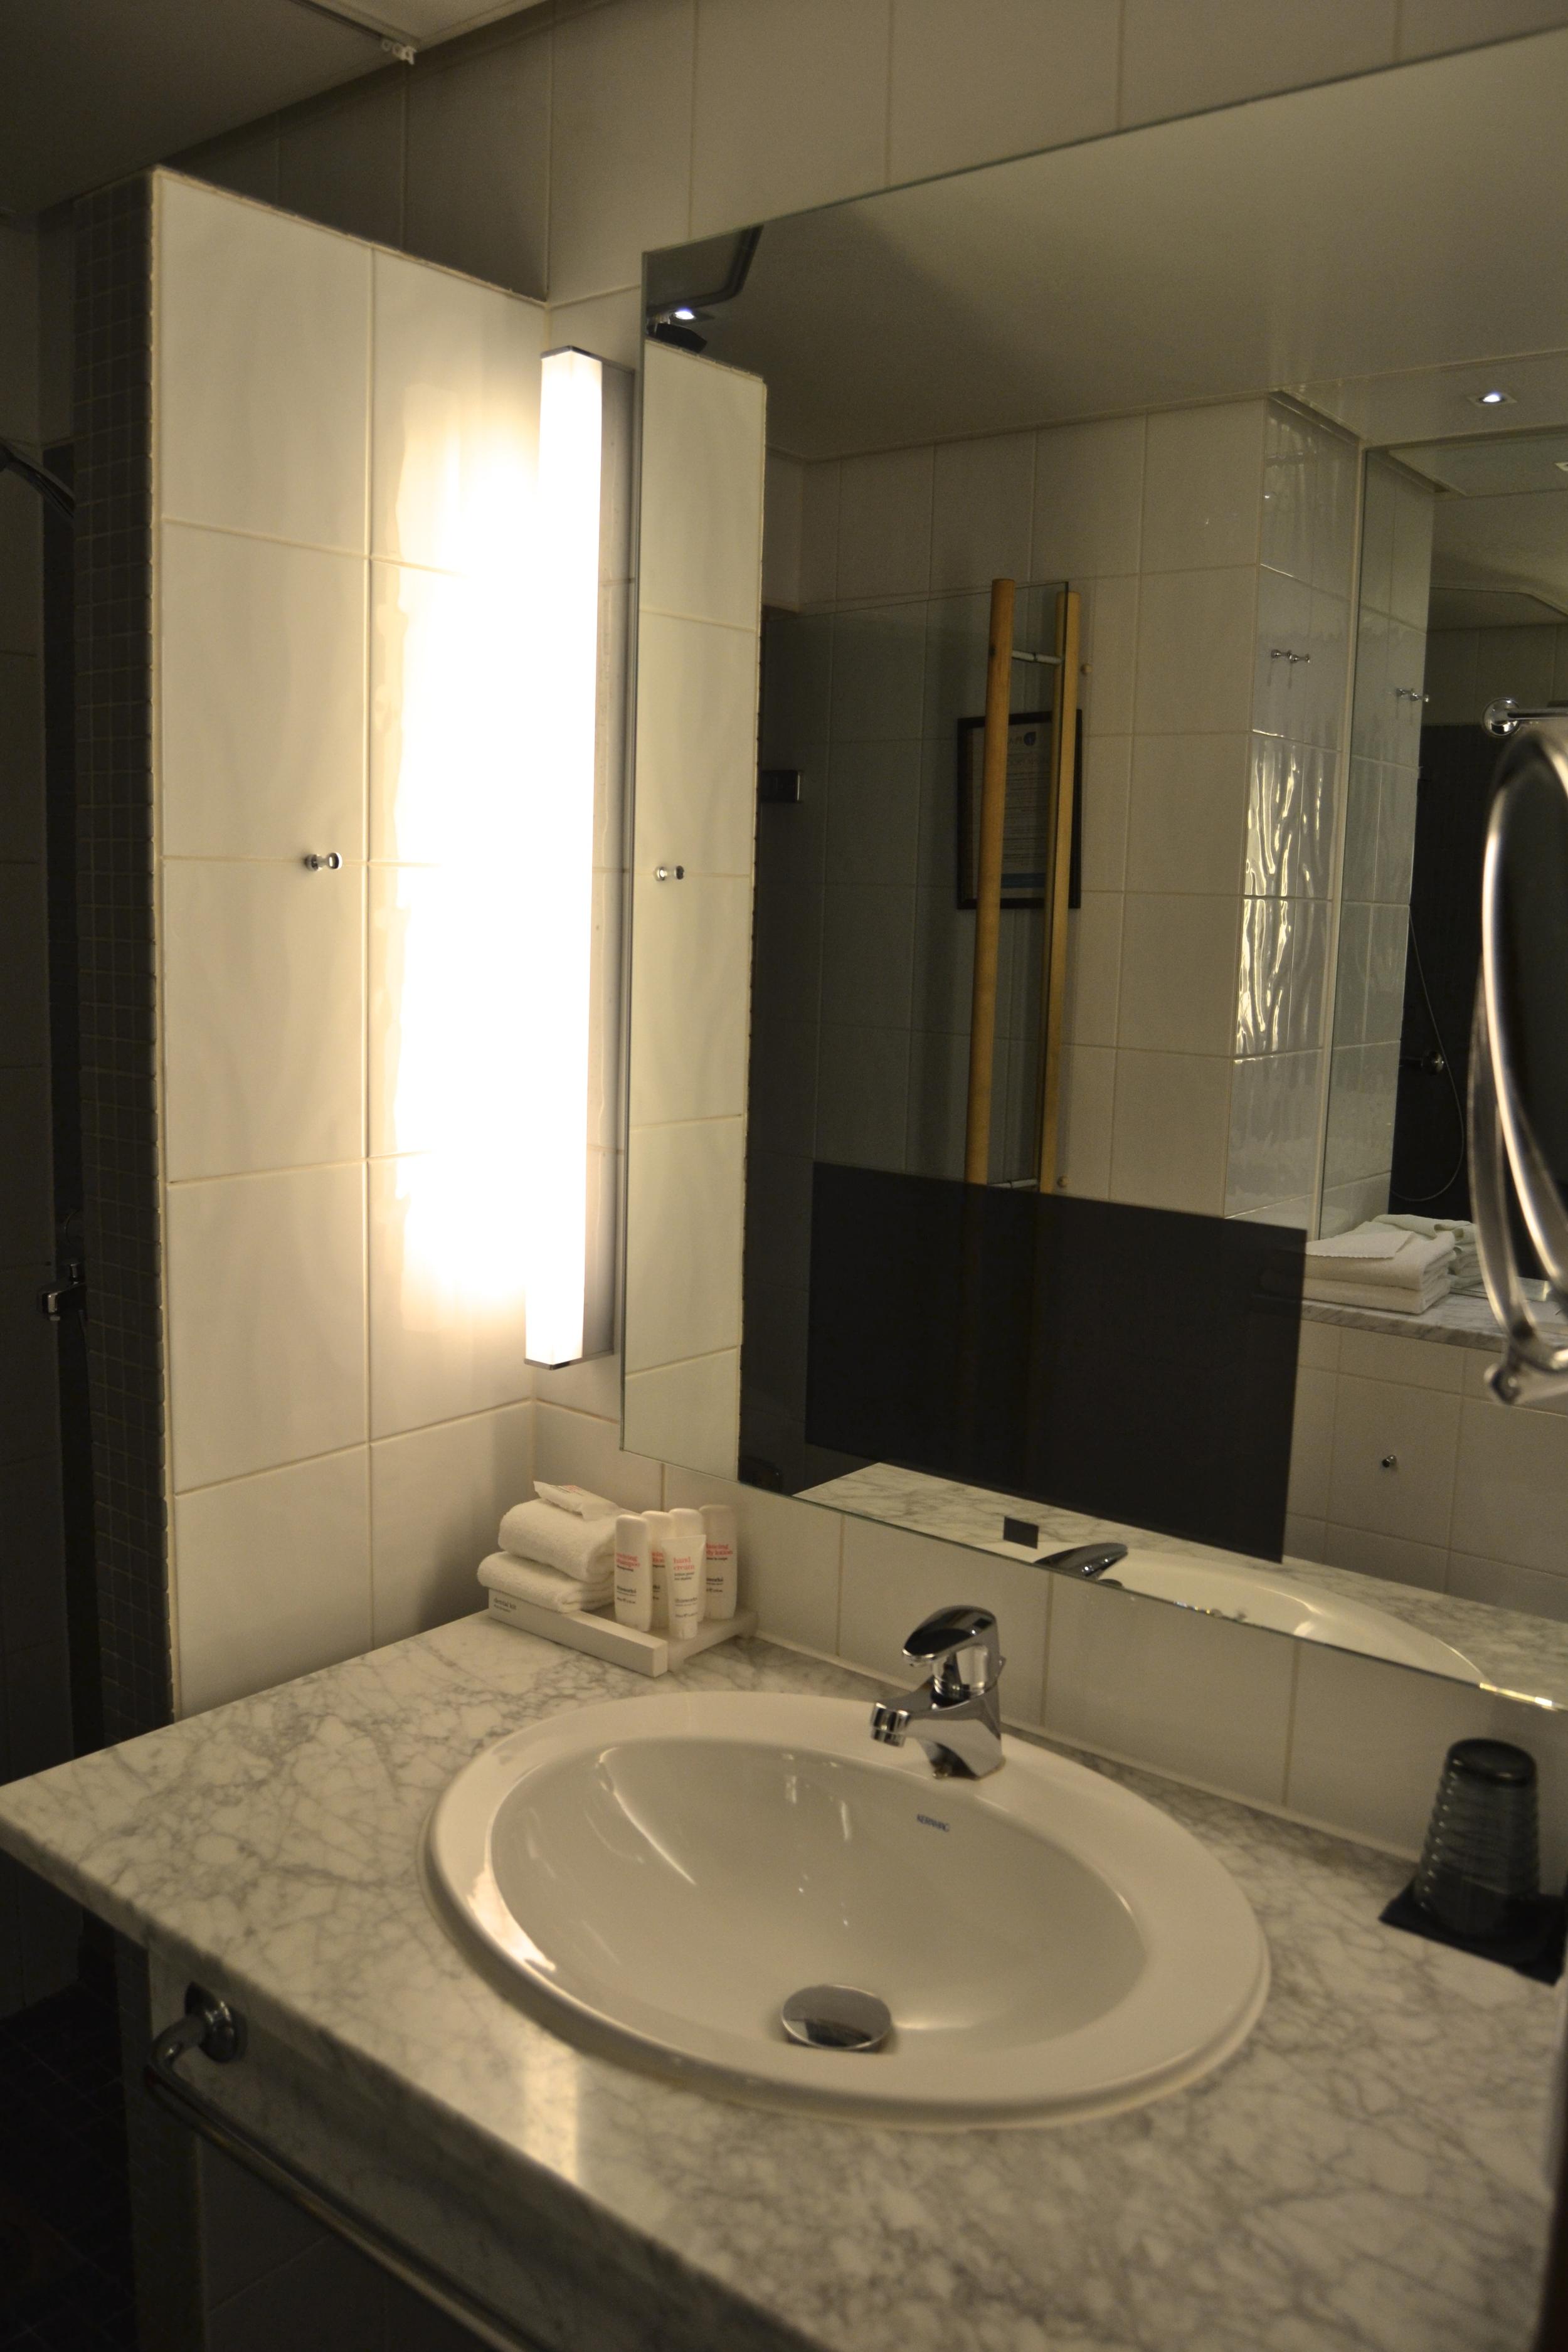 Hauska yksityiskohta, TV kylpyhuoneessa